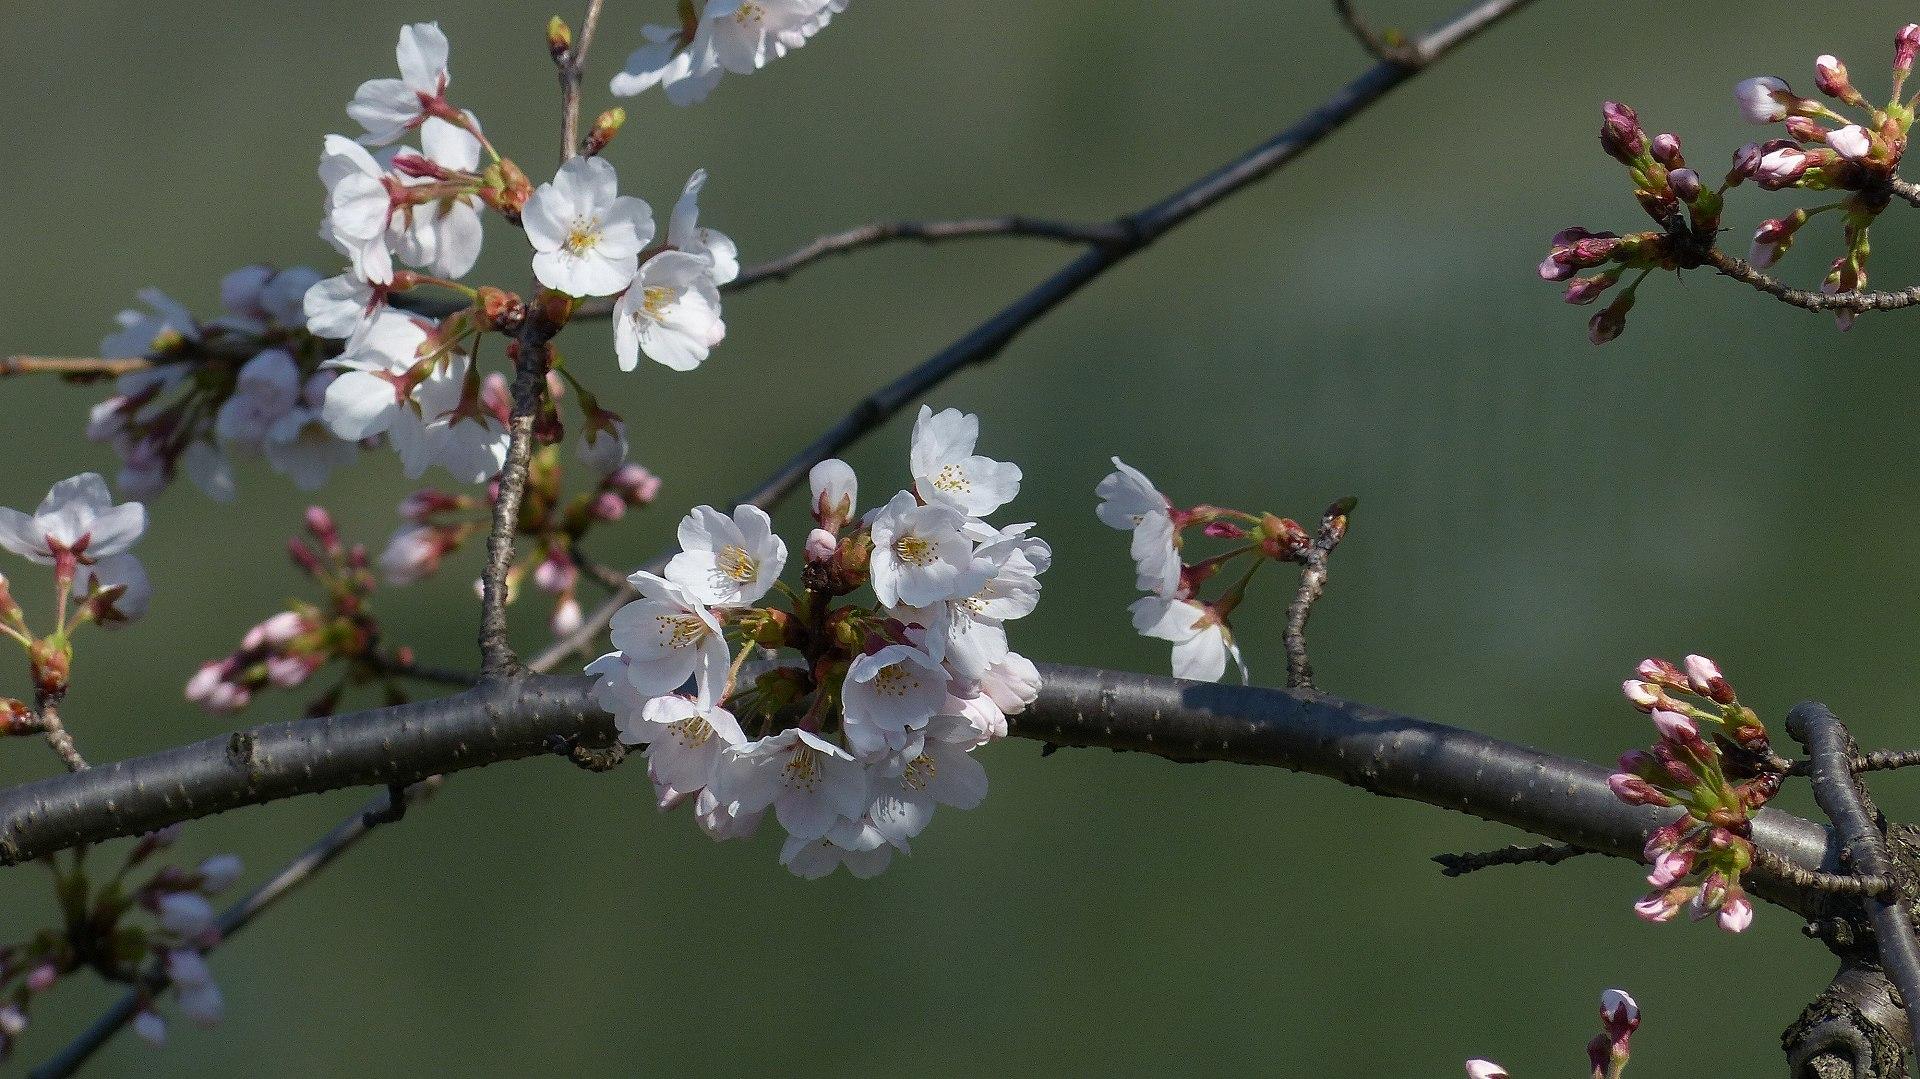 桜の便りに誘われて 【 2018 3/25(日) 】_a0185081_15310324.jpg